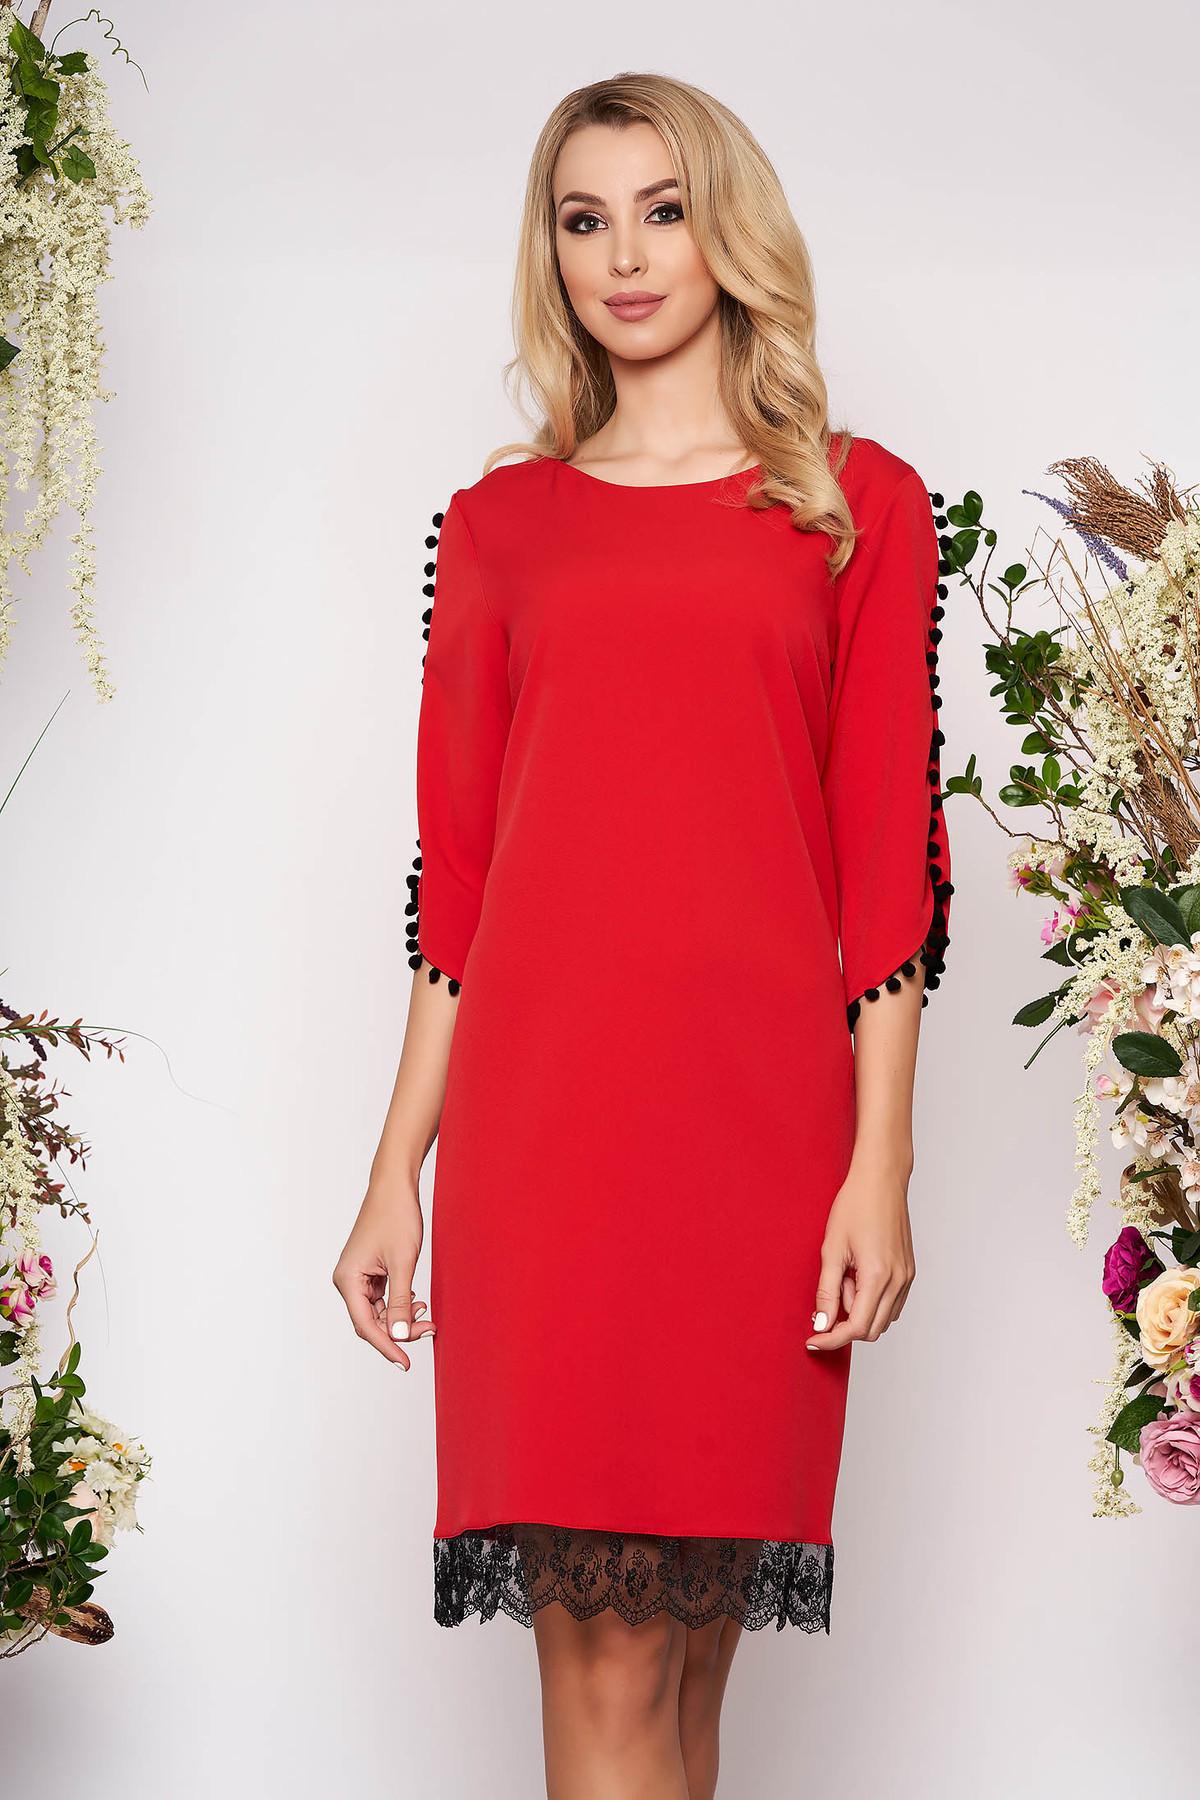 Rochie rosie eleganta cu un croi drept din material usor elastic cu aplicatii de dantela cu ciucuri